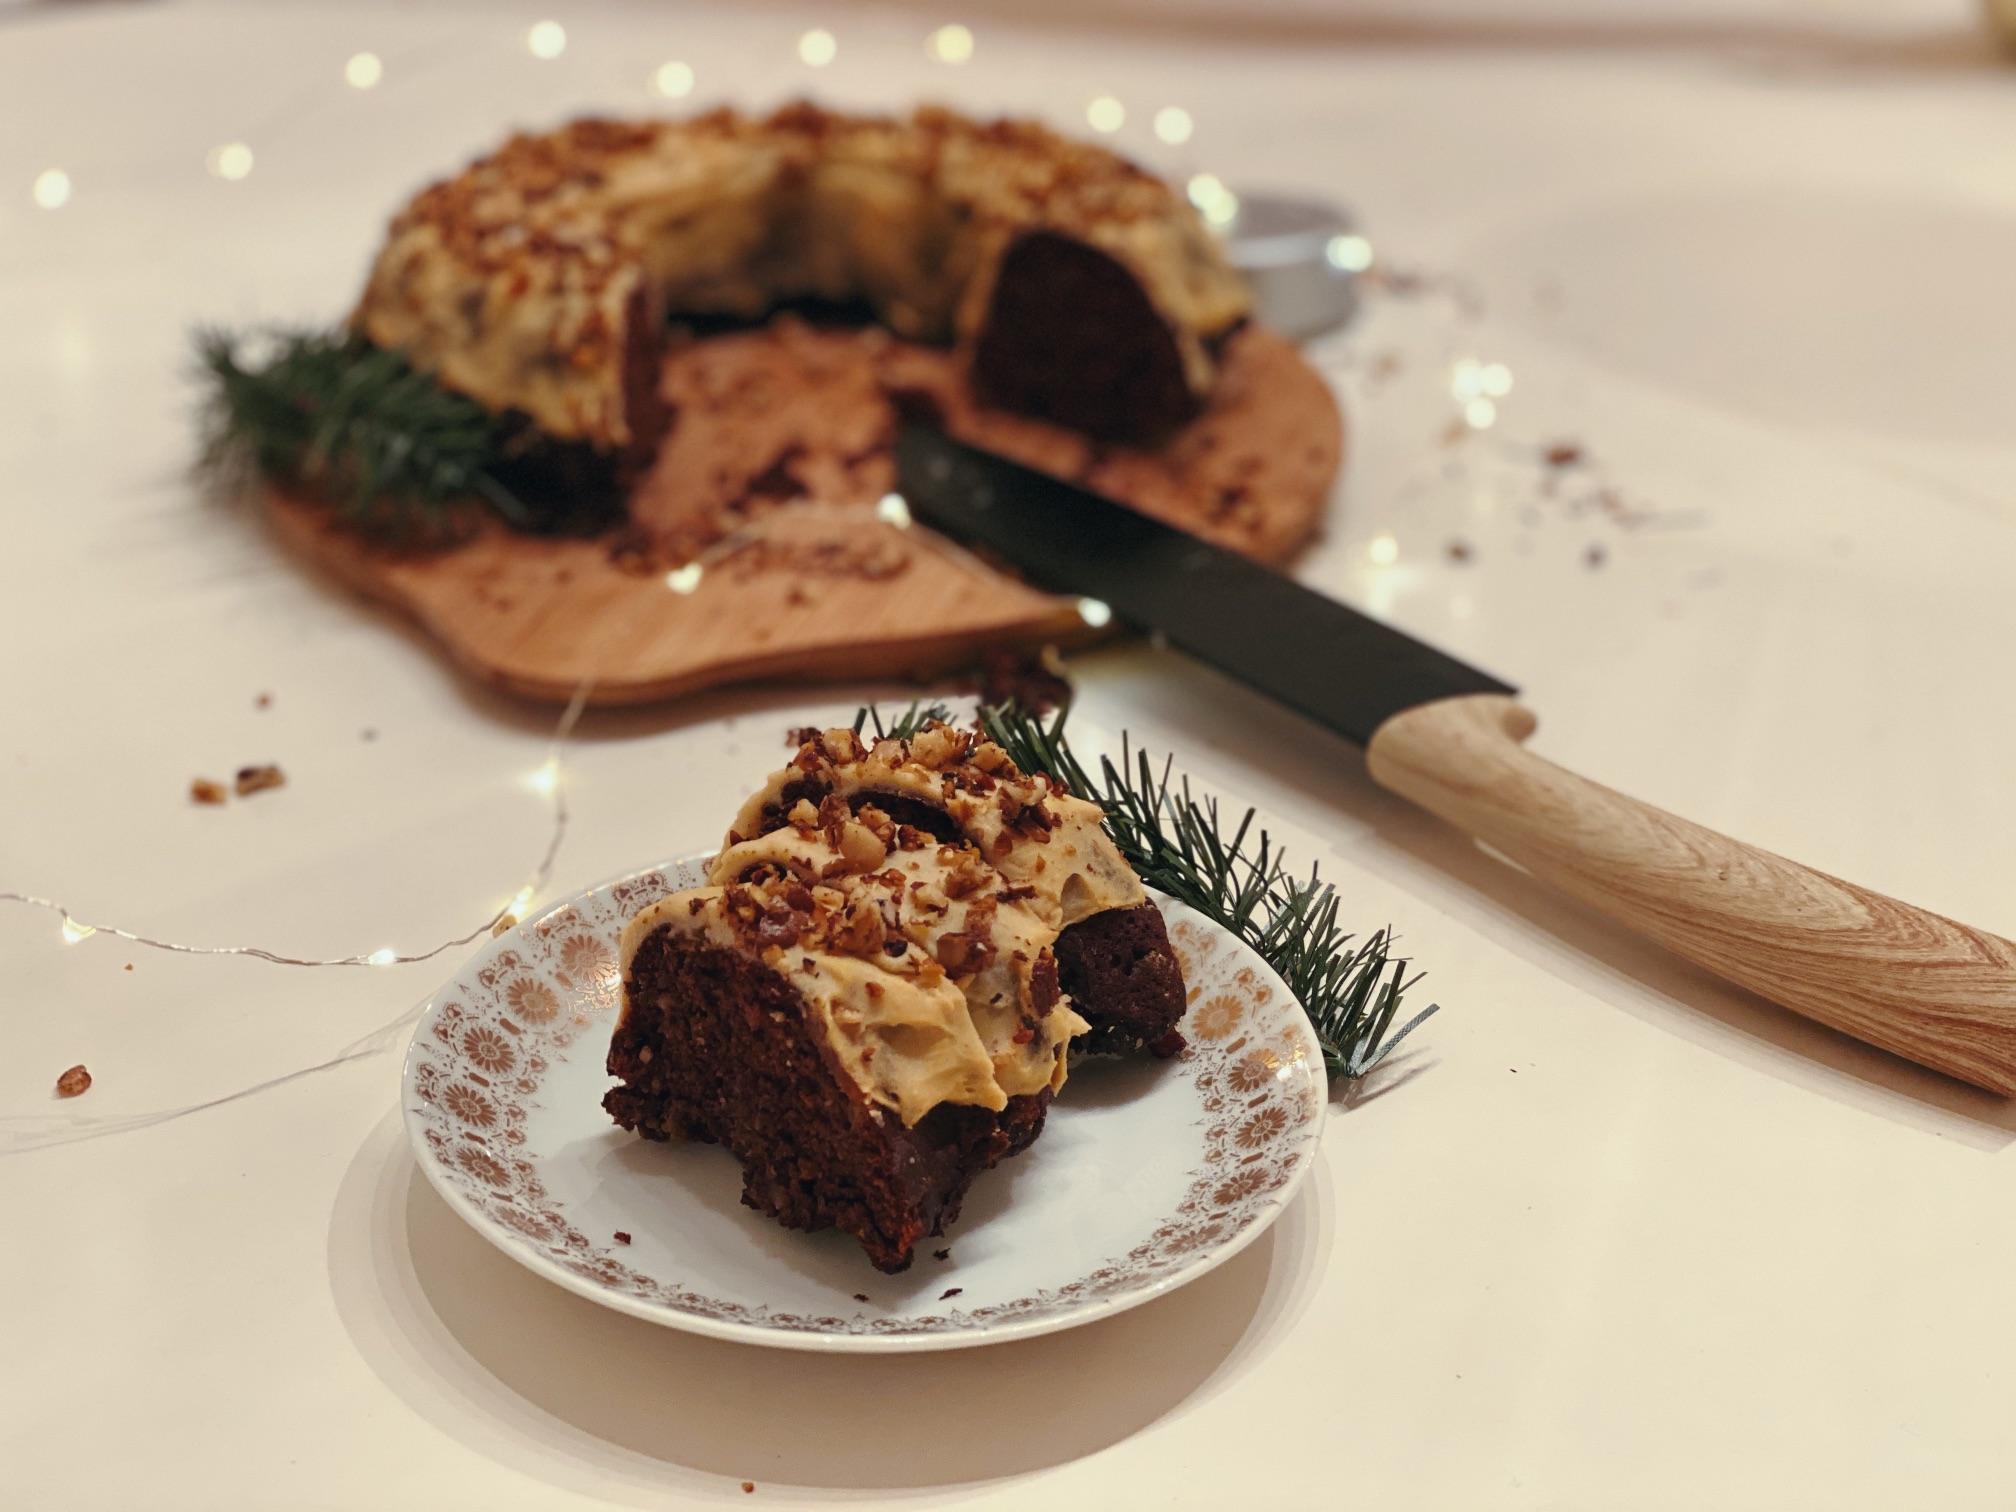 Prăjitură festivă Bundt – rețetă pentru masa de Crăciun